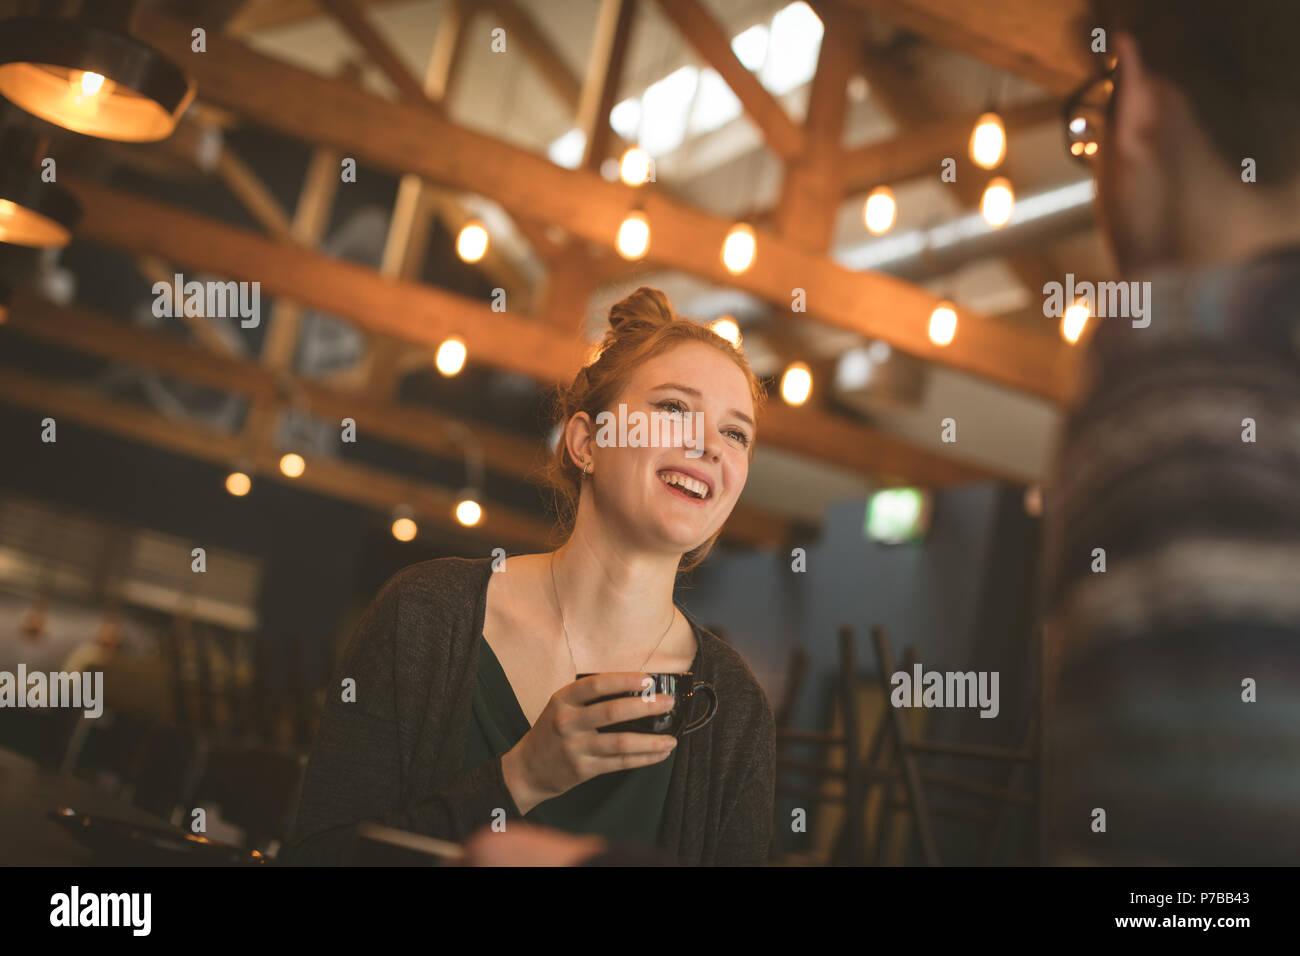 Par tomar café en el mostrador Imagen De Stock